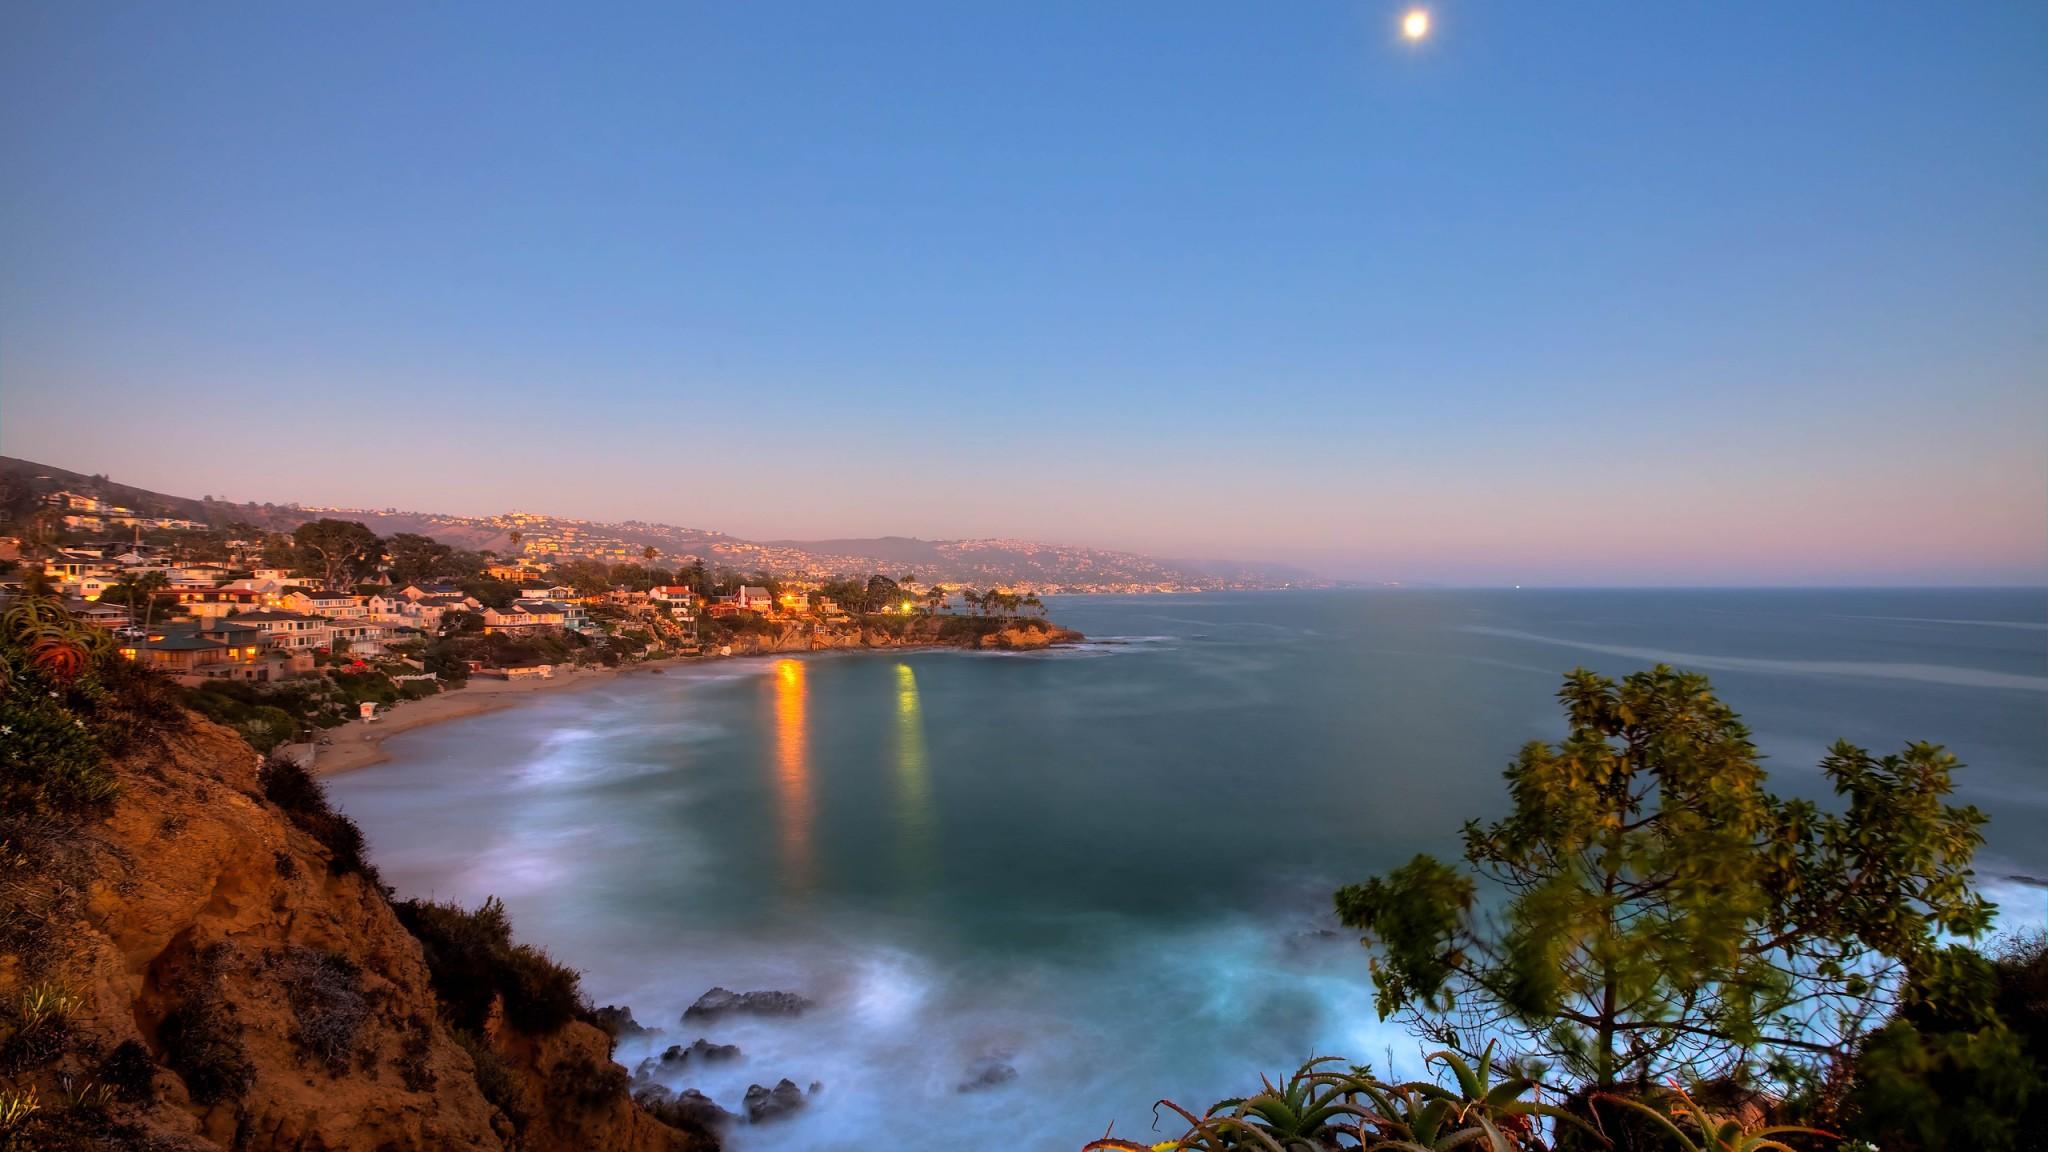 Crescent Bay  Laguna Beach  California  USA Globe  HD Wallpaper